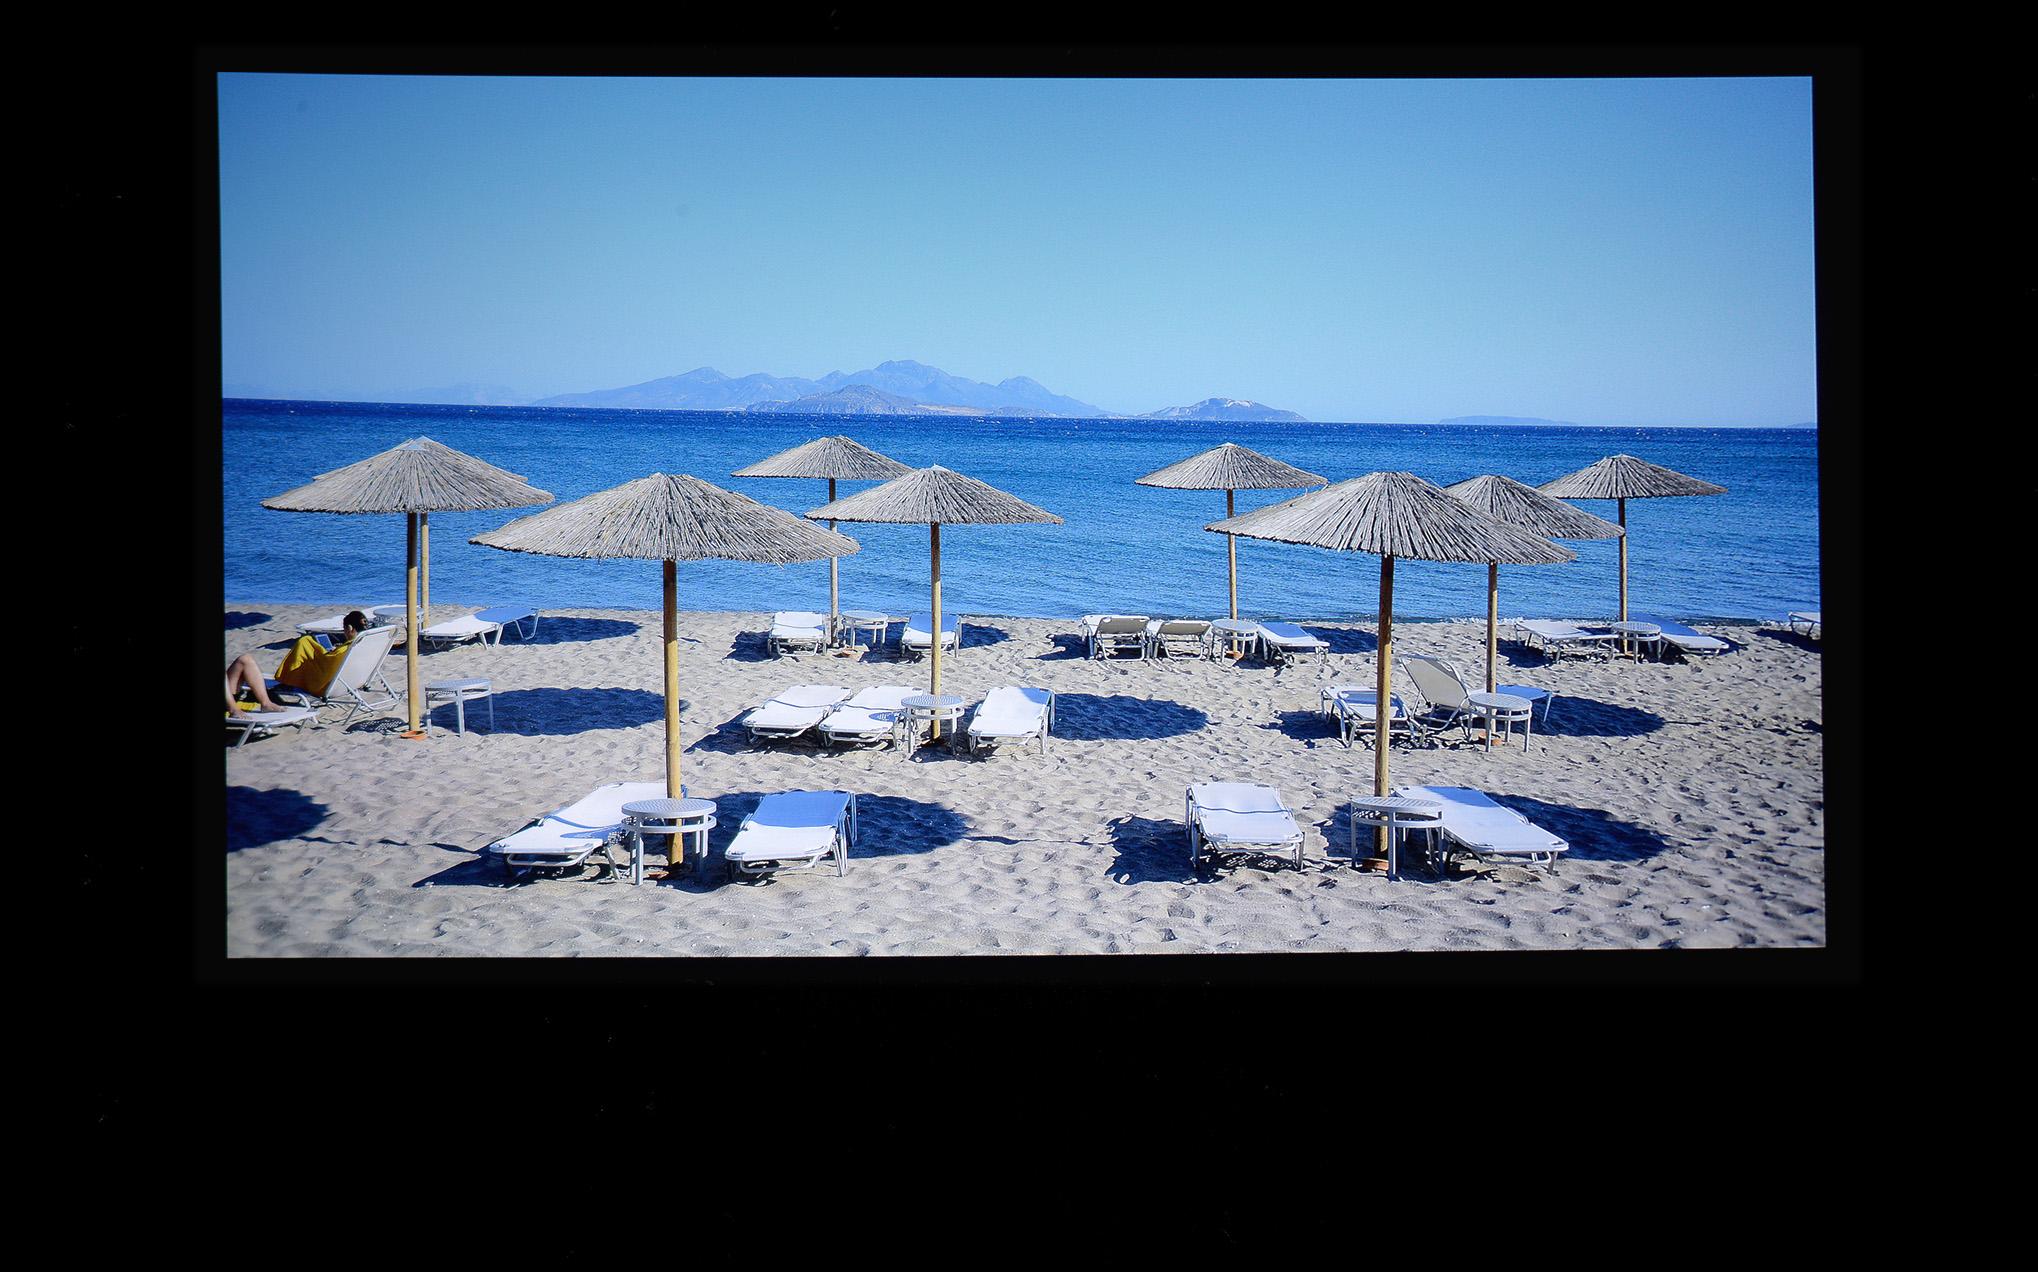 Foto: Michael B. Rehders Die Testleinwand ist spiegelglatt. Meine Urlaubsaufnahme von der Insel Kos in Griechenland erscheint originalgetreu.